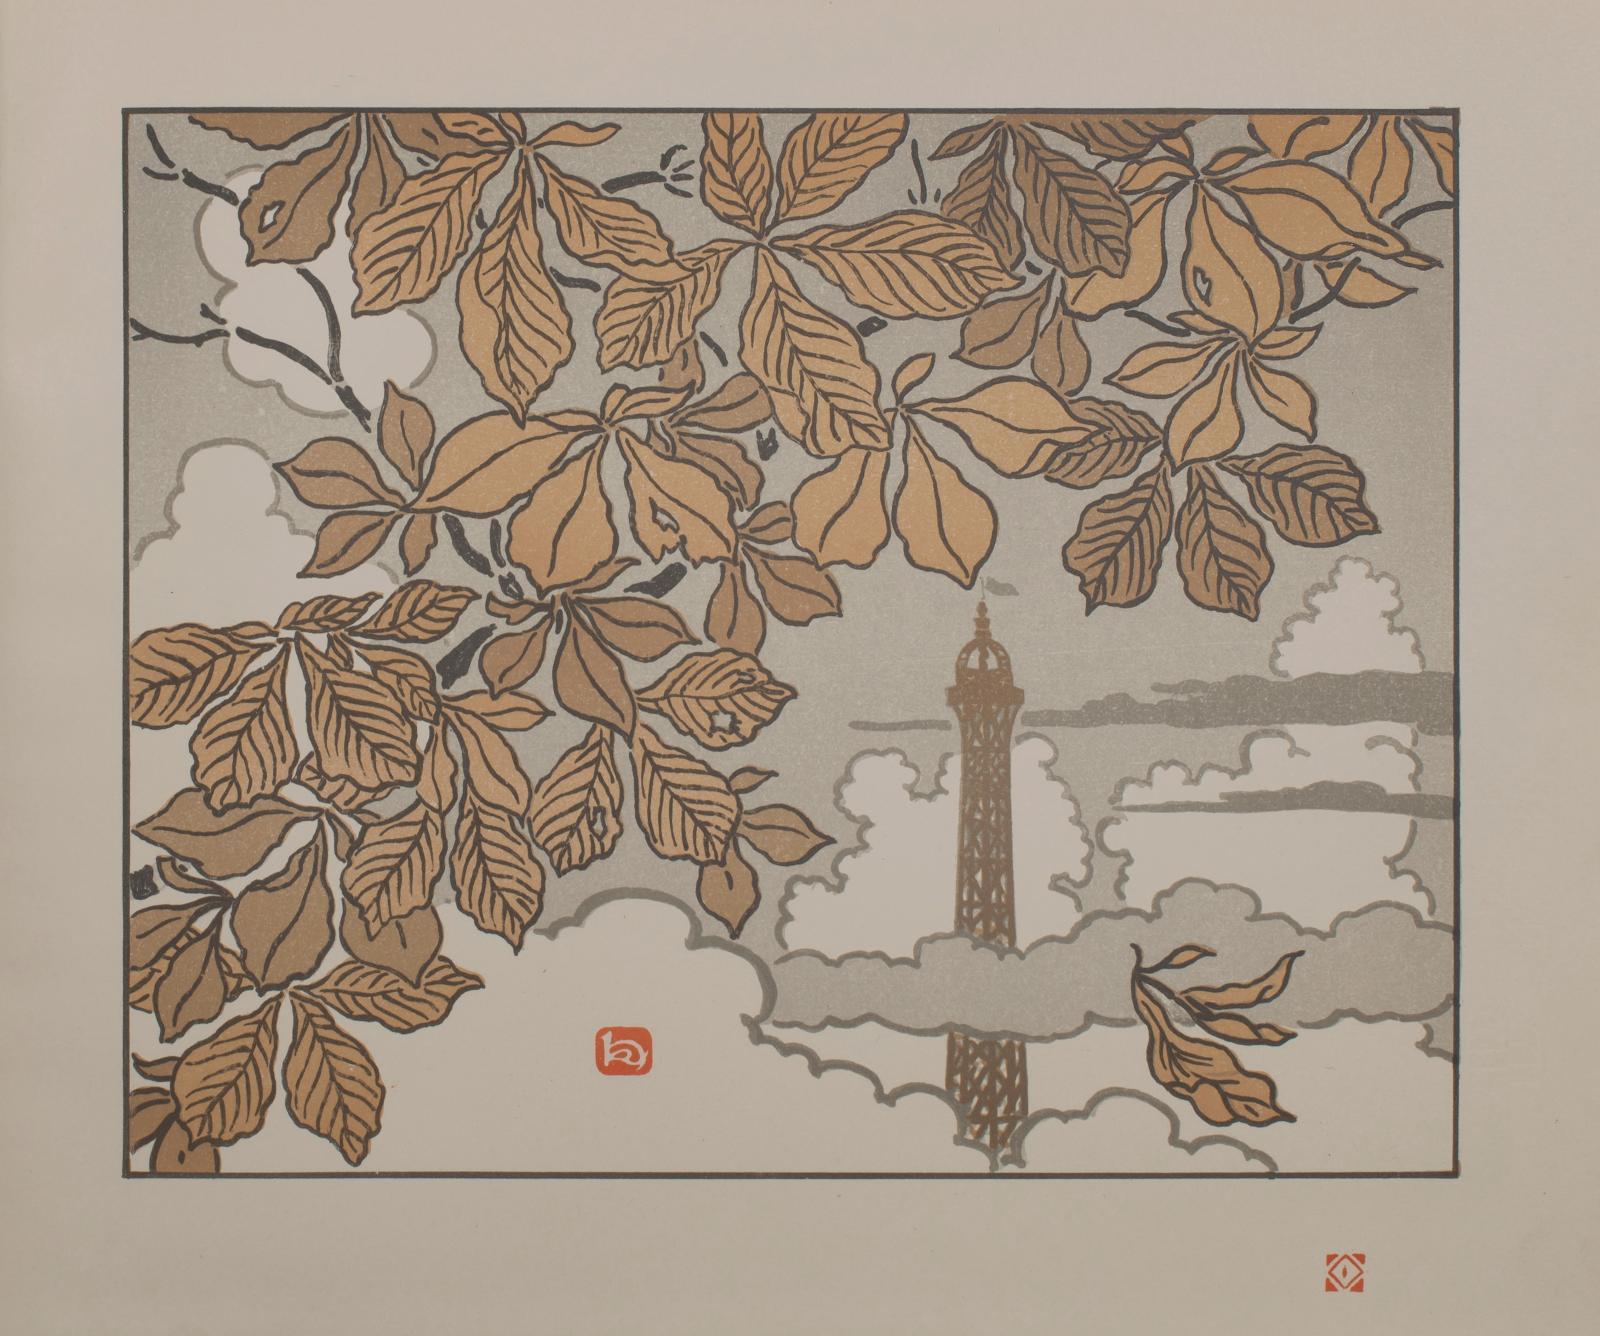 Les estampes japonaises connaissent un engouement extraordinaire parmi les artistes de la fin du XIXesiècle. Leur influence fut essentiel